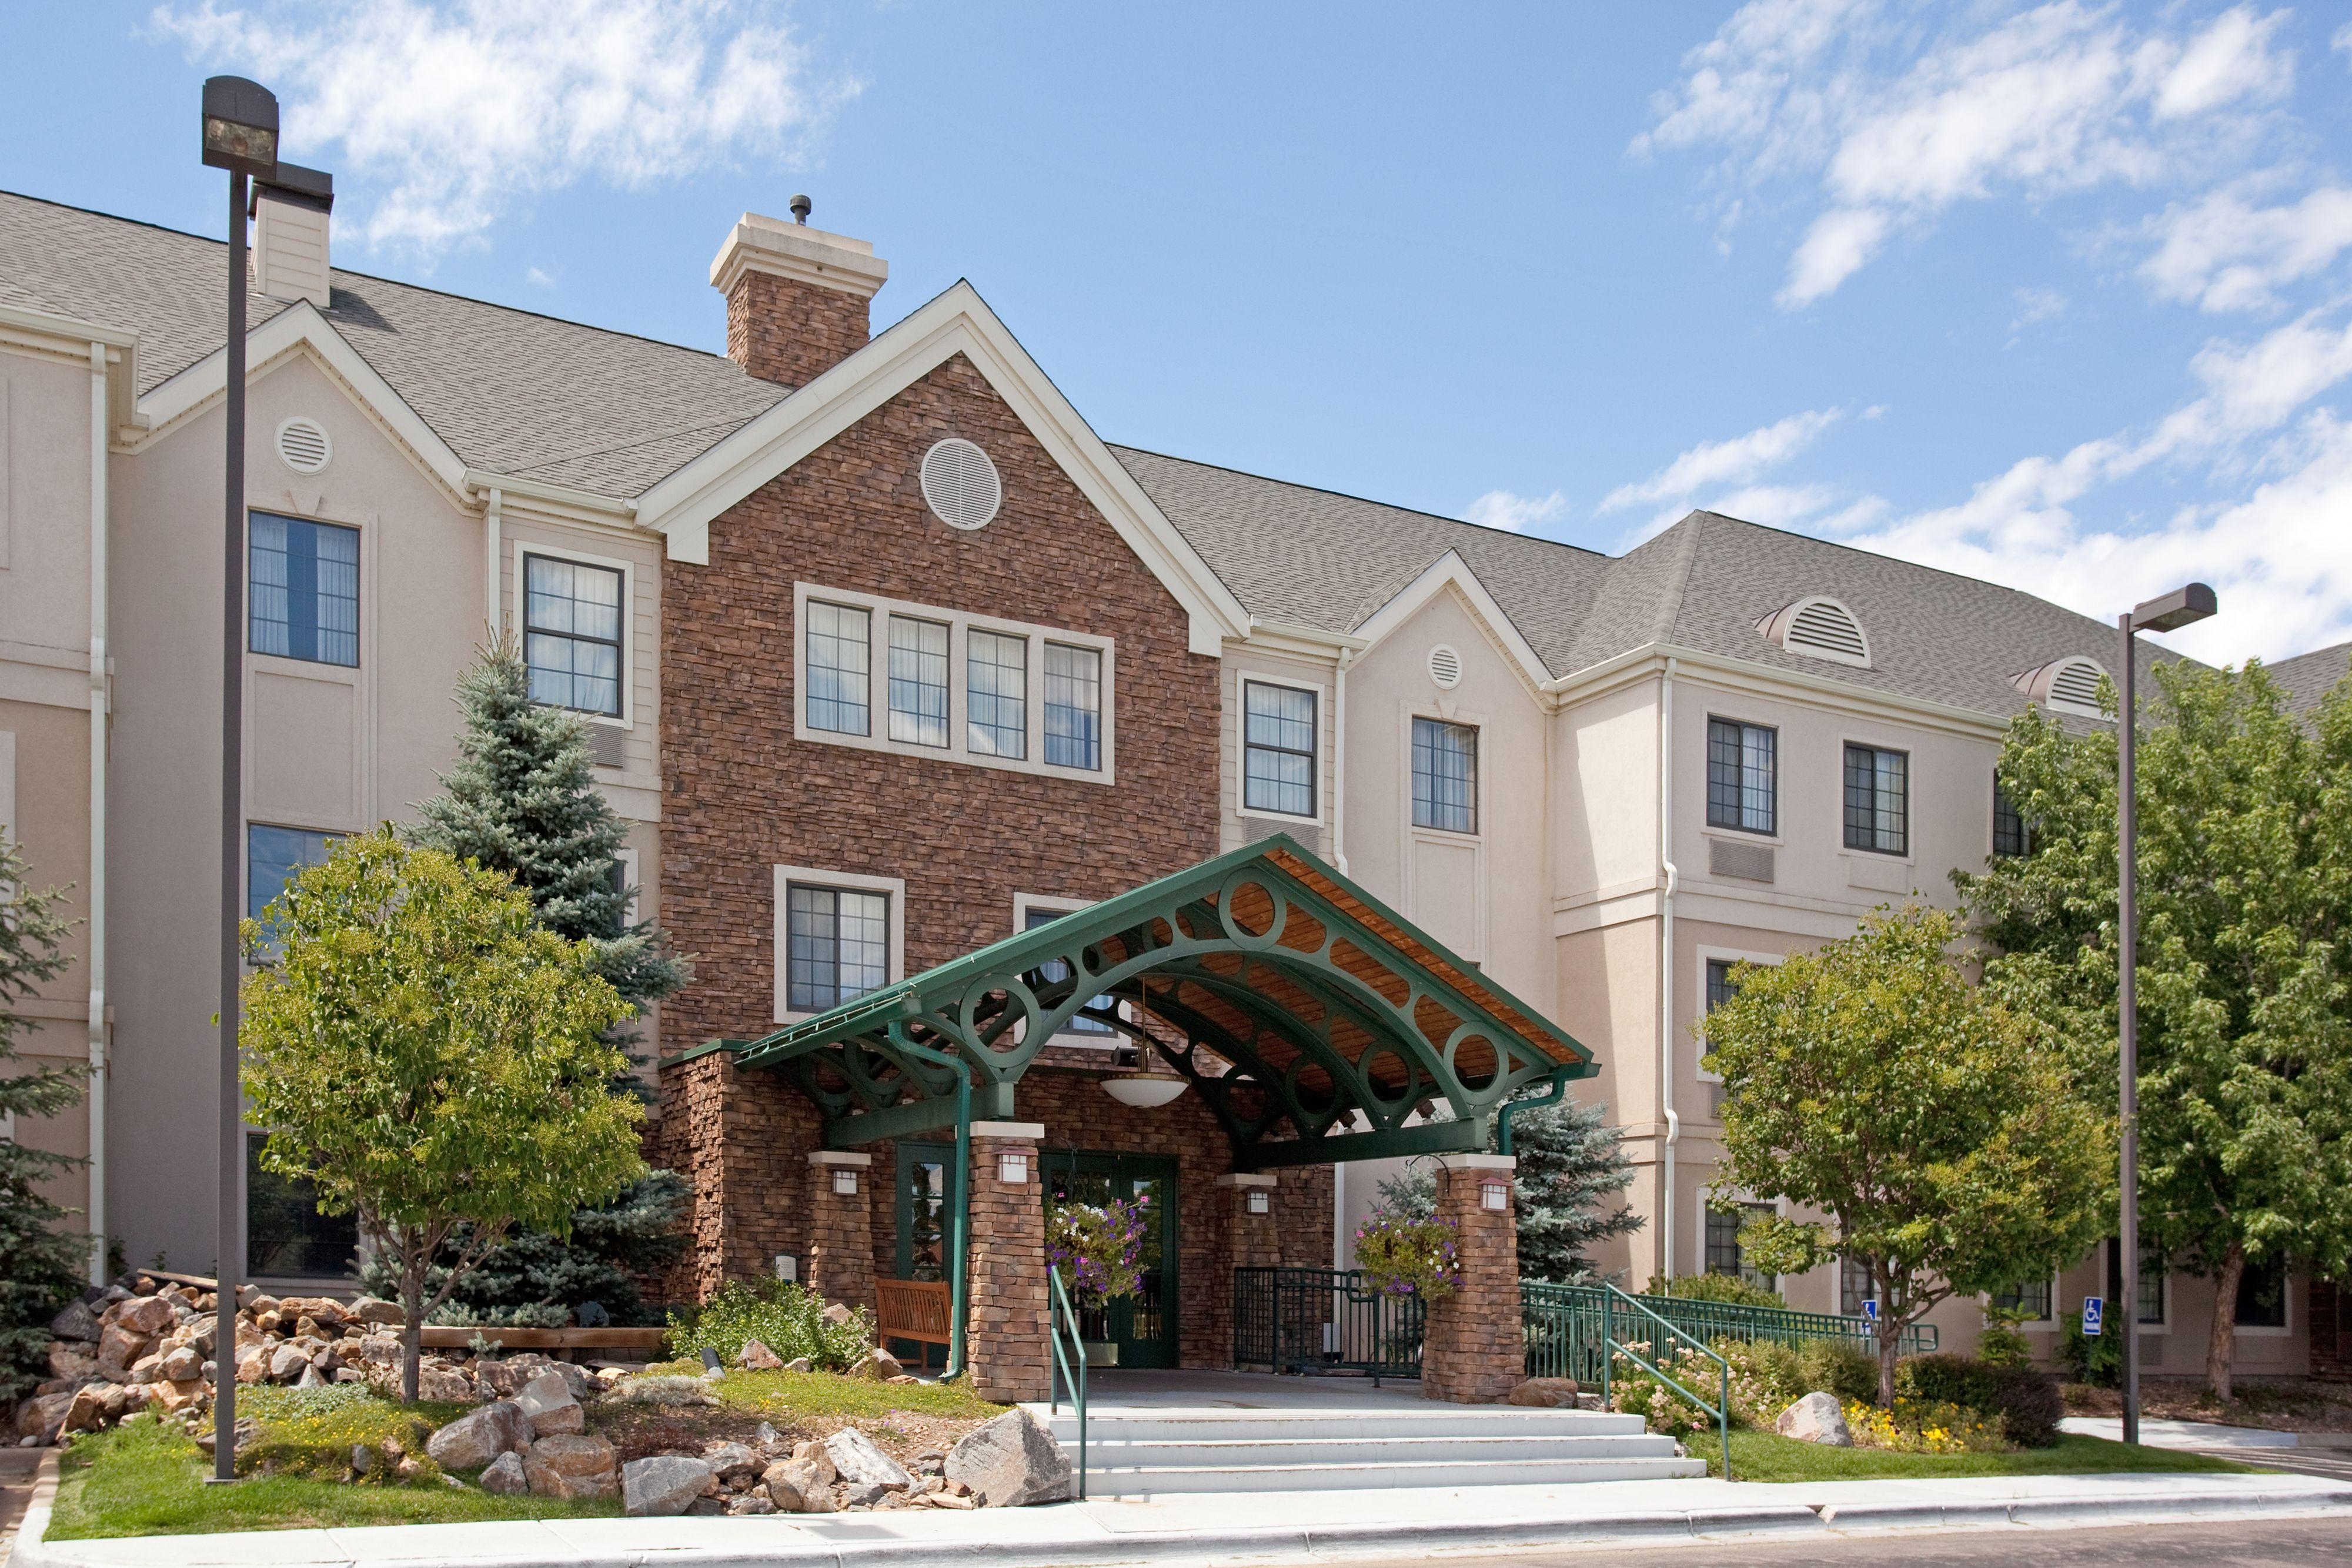 Staybridge Suites Denver South-Park Meadows image 5